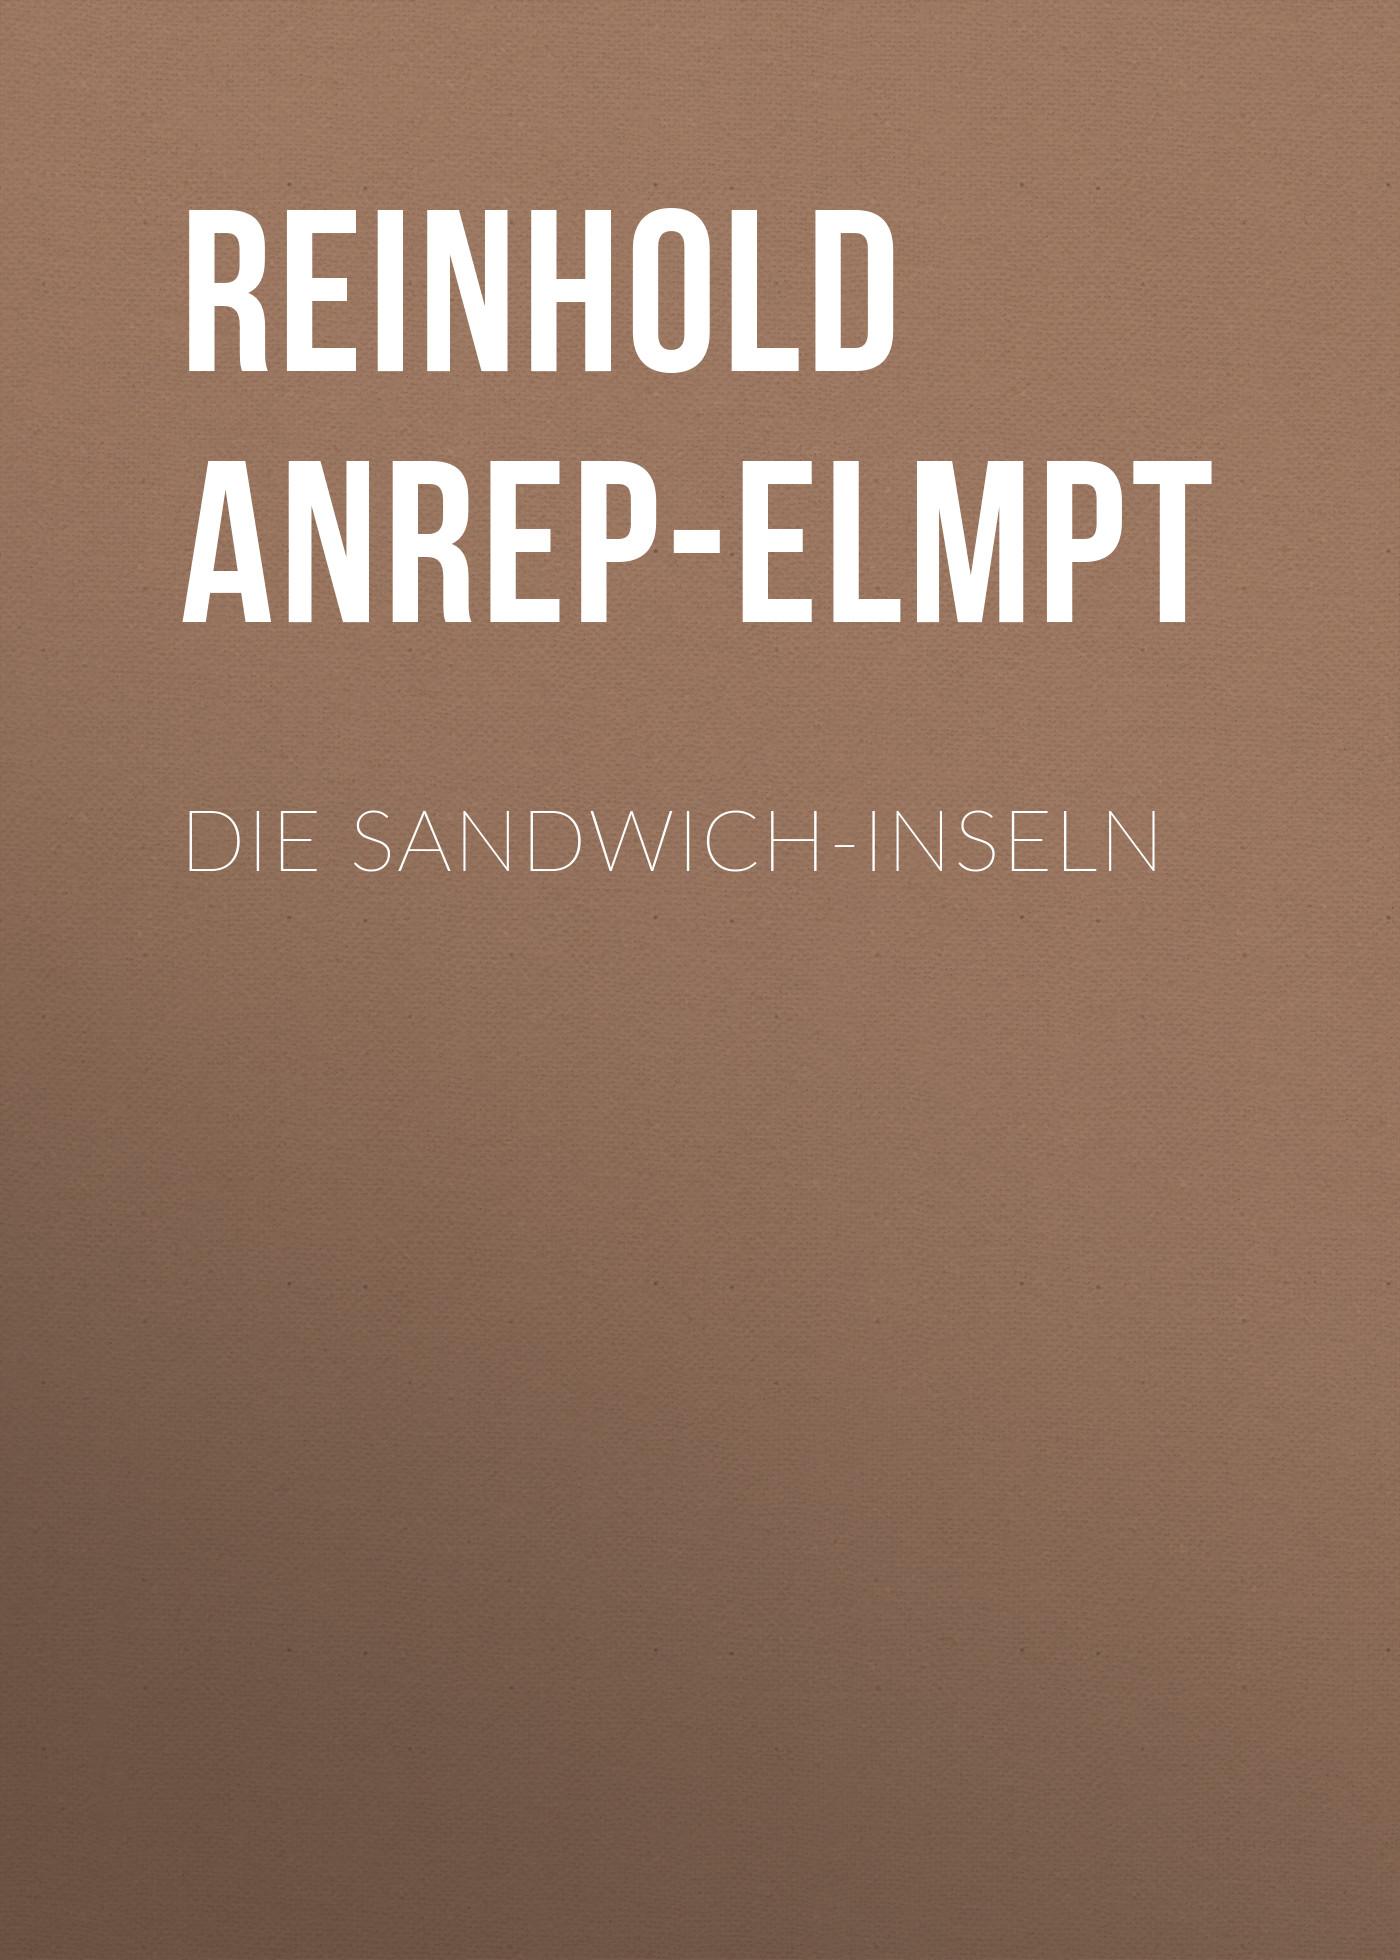 цена Anrep-Elmpt Reinhold Die Sandwich-Inseln онлайн в 2017 году